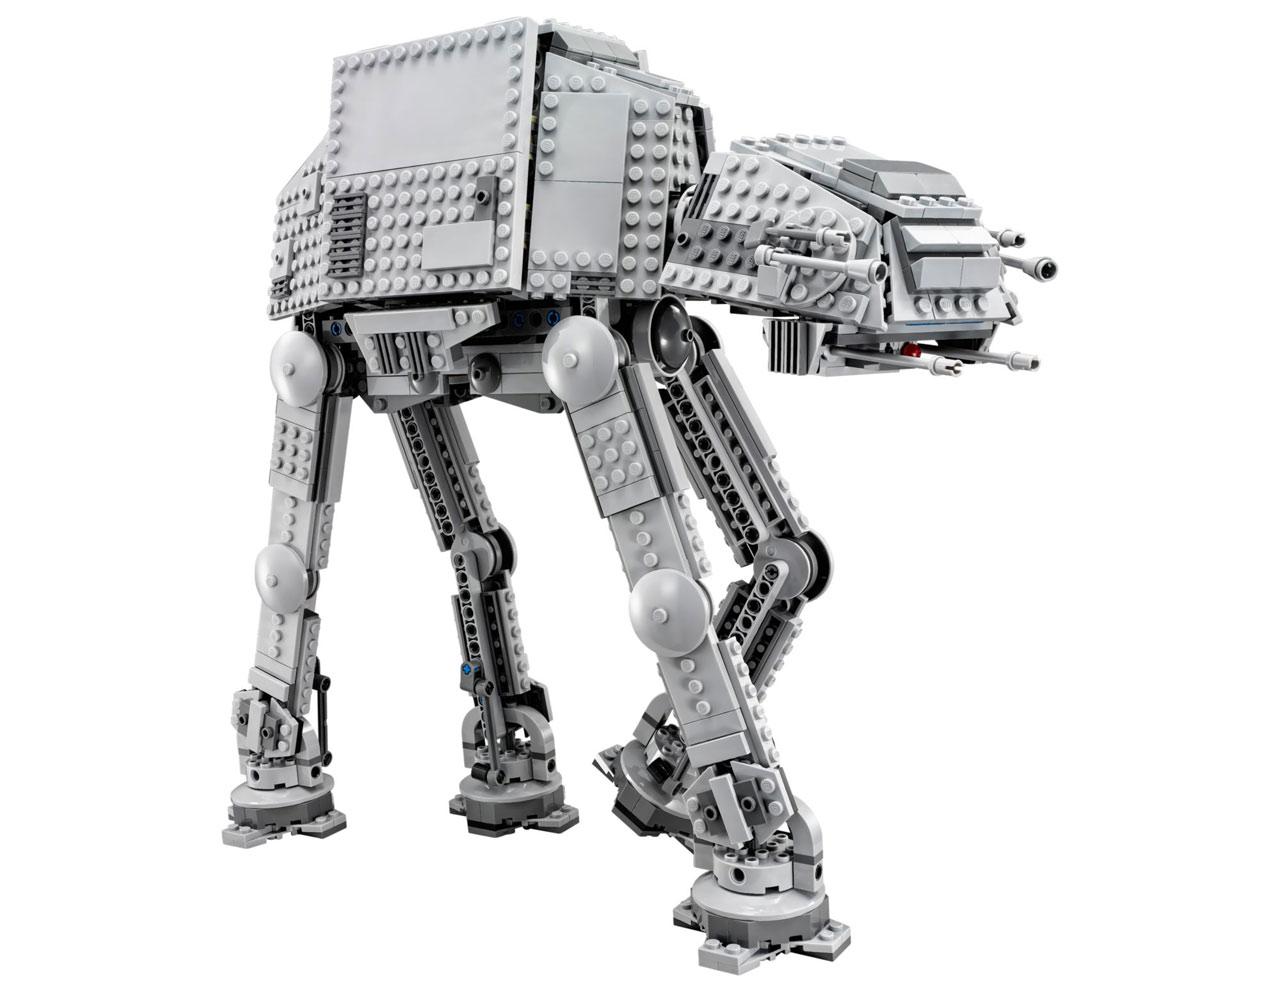 75054 at at lego star wars battlepack de minifigurines - Lego star wars tb tt ...